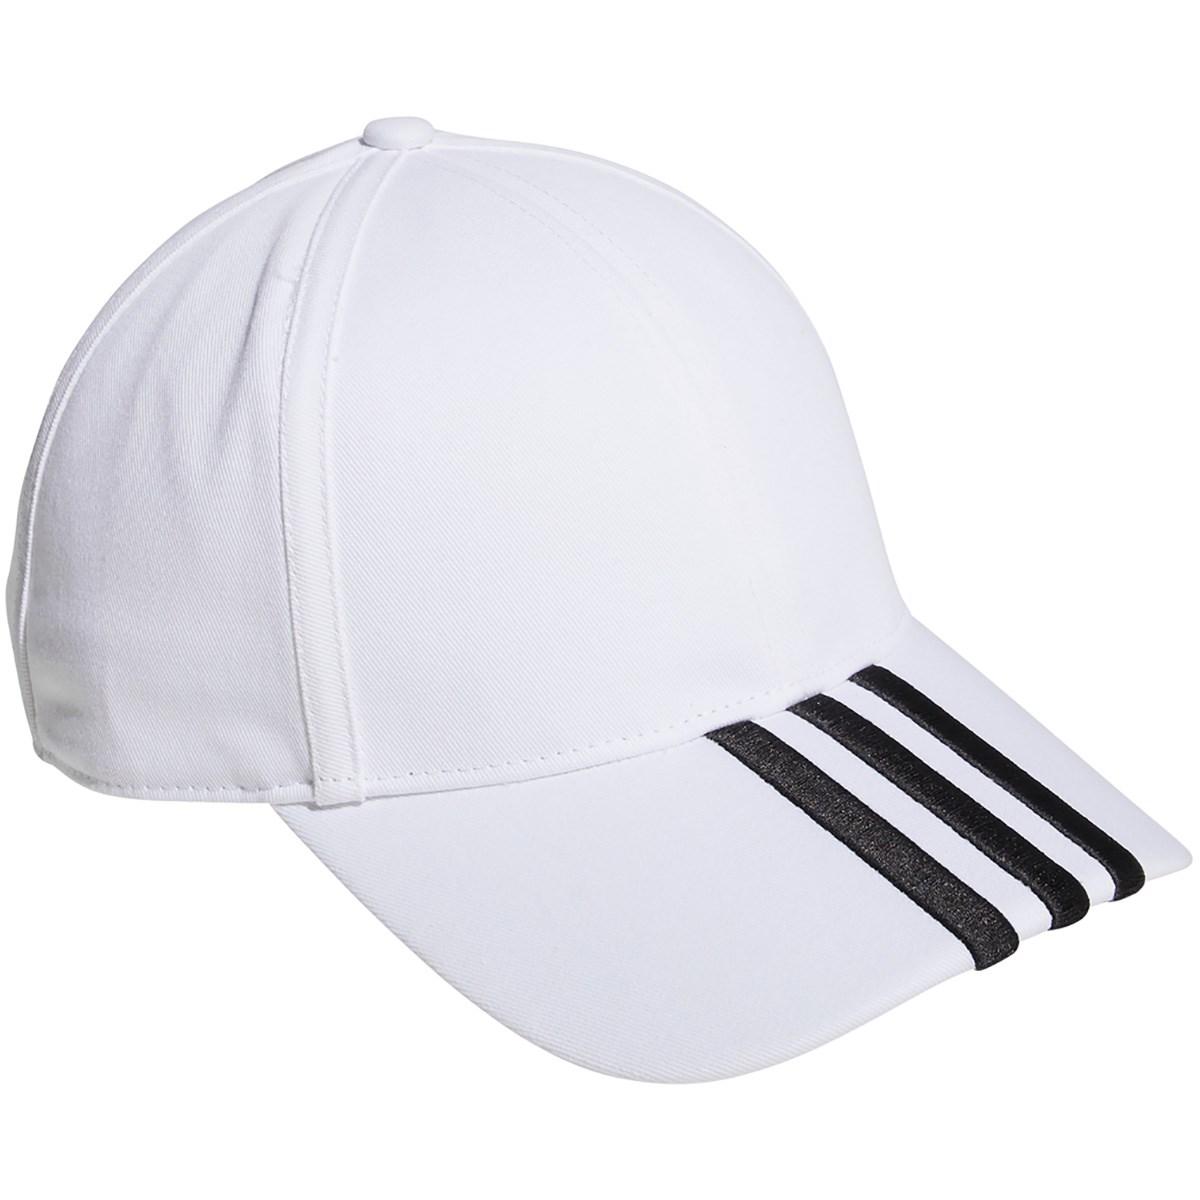 アディダス Adidas スリーストライプツイルキャップ フリー ホワイト/ブラック レディス